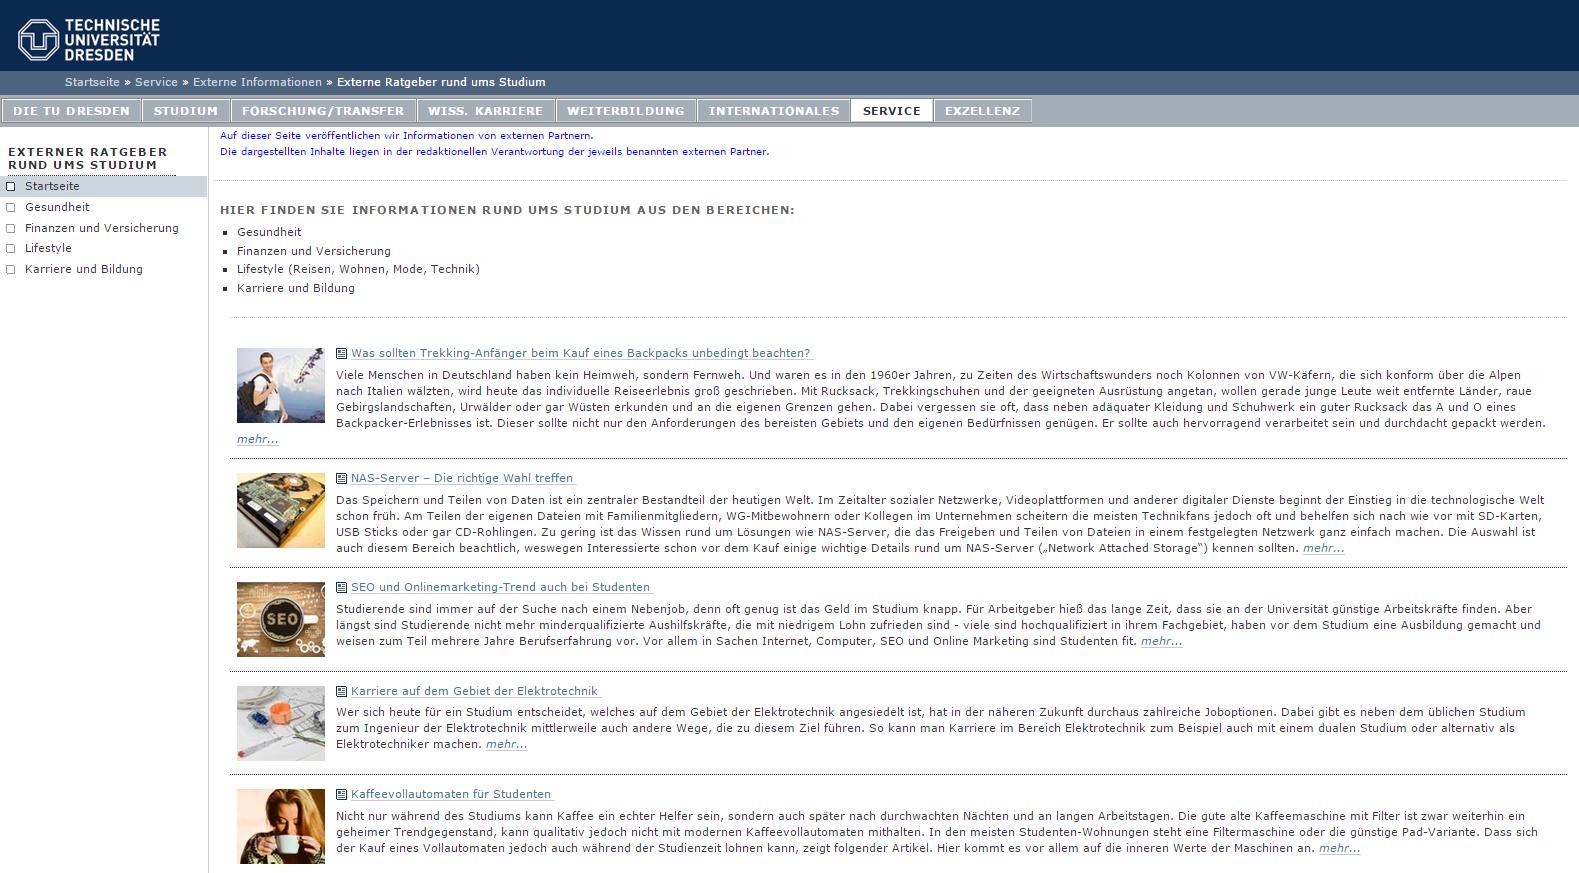 Artikelverzeichnis auf der Webseite der TU Dresden